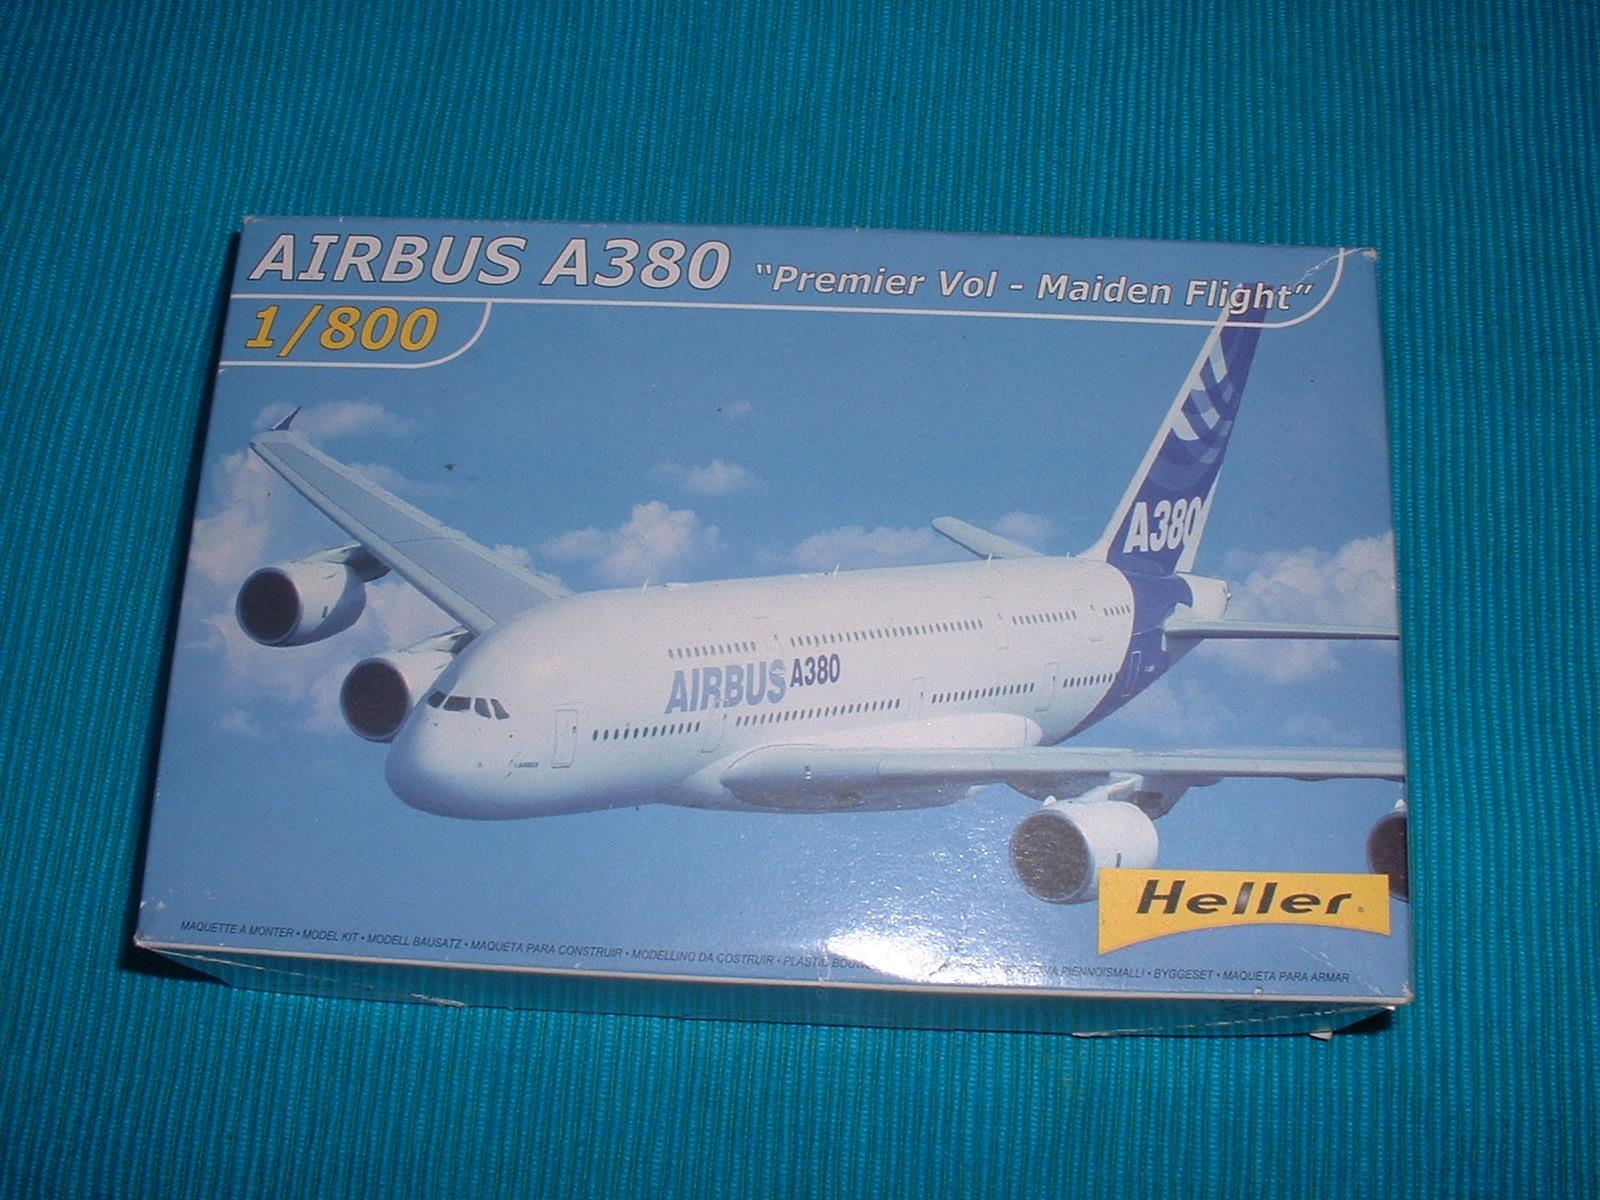 エレール 800分の1「エアバスA380 」外箱.JPG